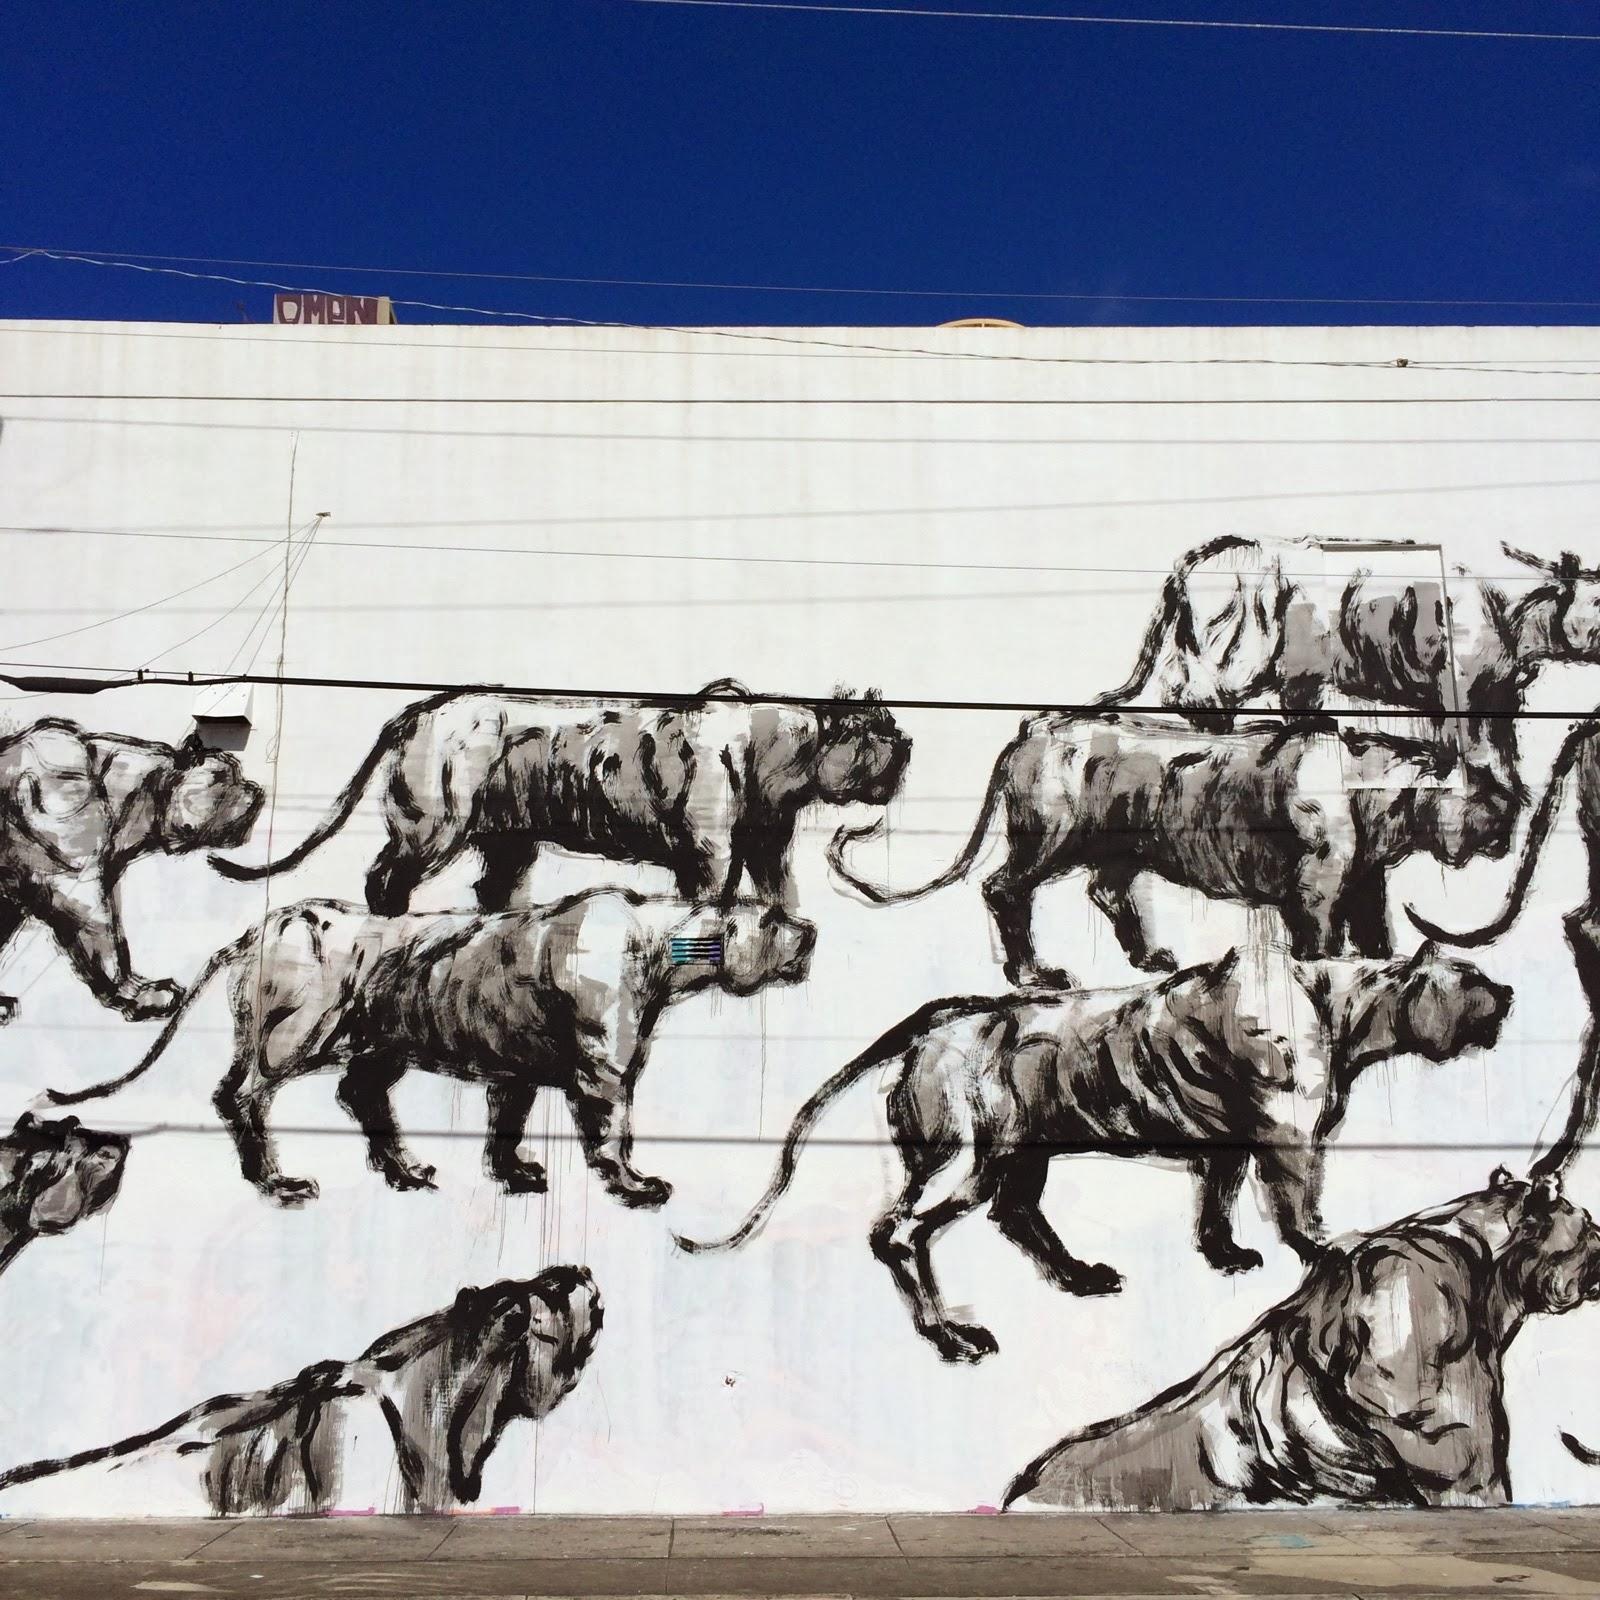 jaz-miami-new-mural-for-art-basel-2013-03